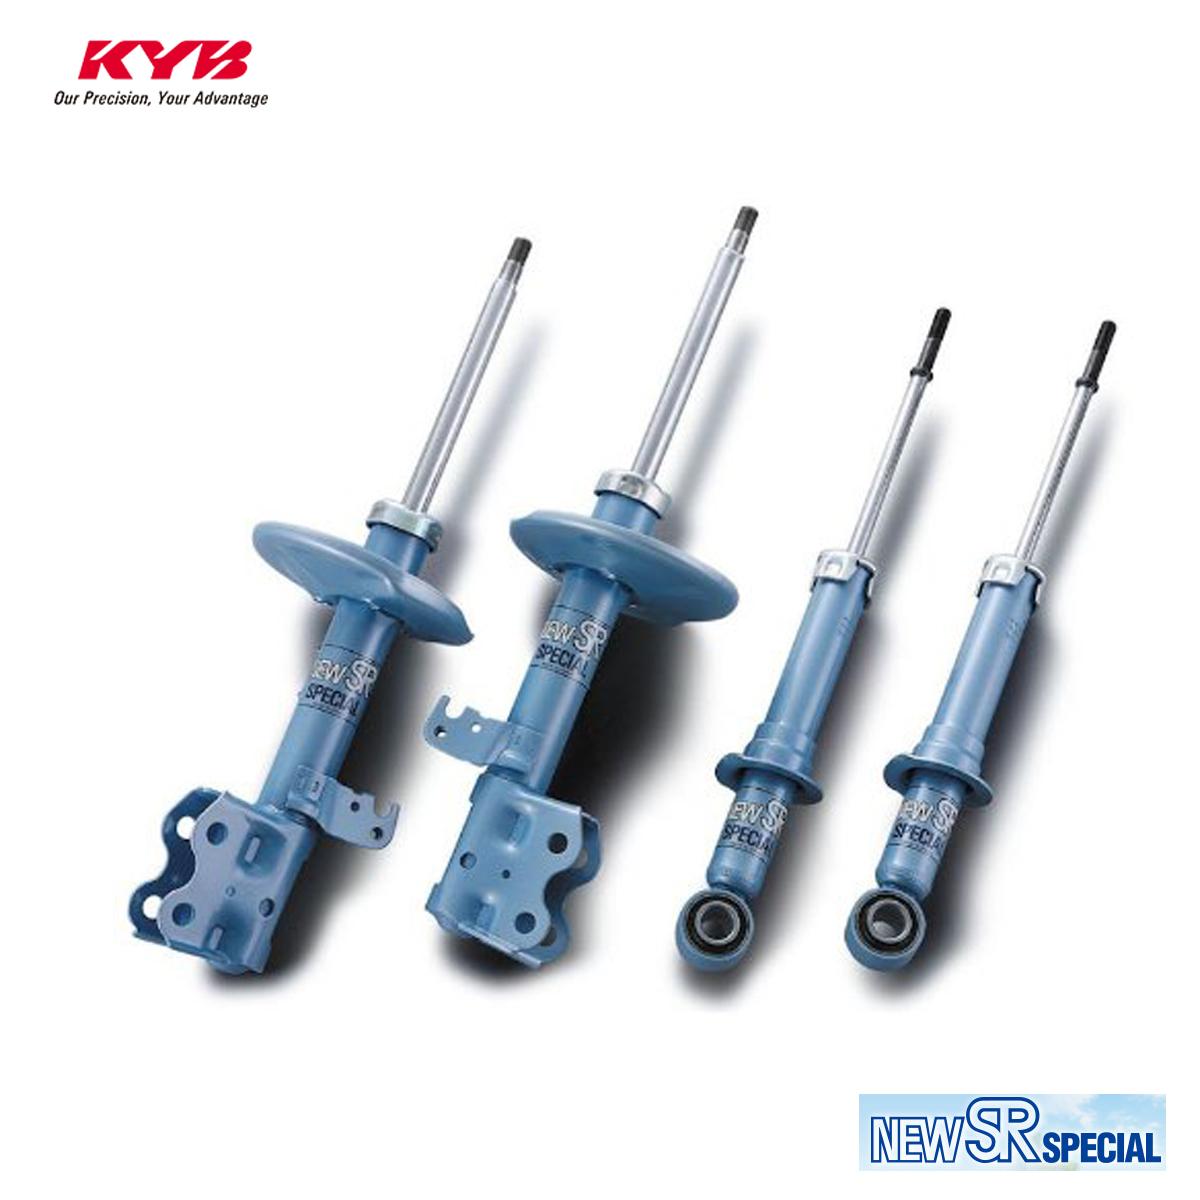 KYB カヤバ カムリ CV30 ショックアブソーバー フロント用 1本 ニュー 配送先条件有り 初売り SR NSC4106 SPECIAL 商品追加値下げ在庫復活 SRスペシャル NEW 単品